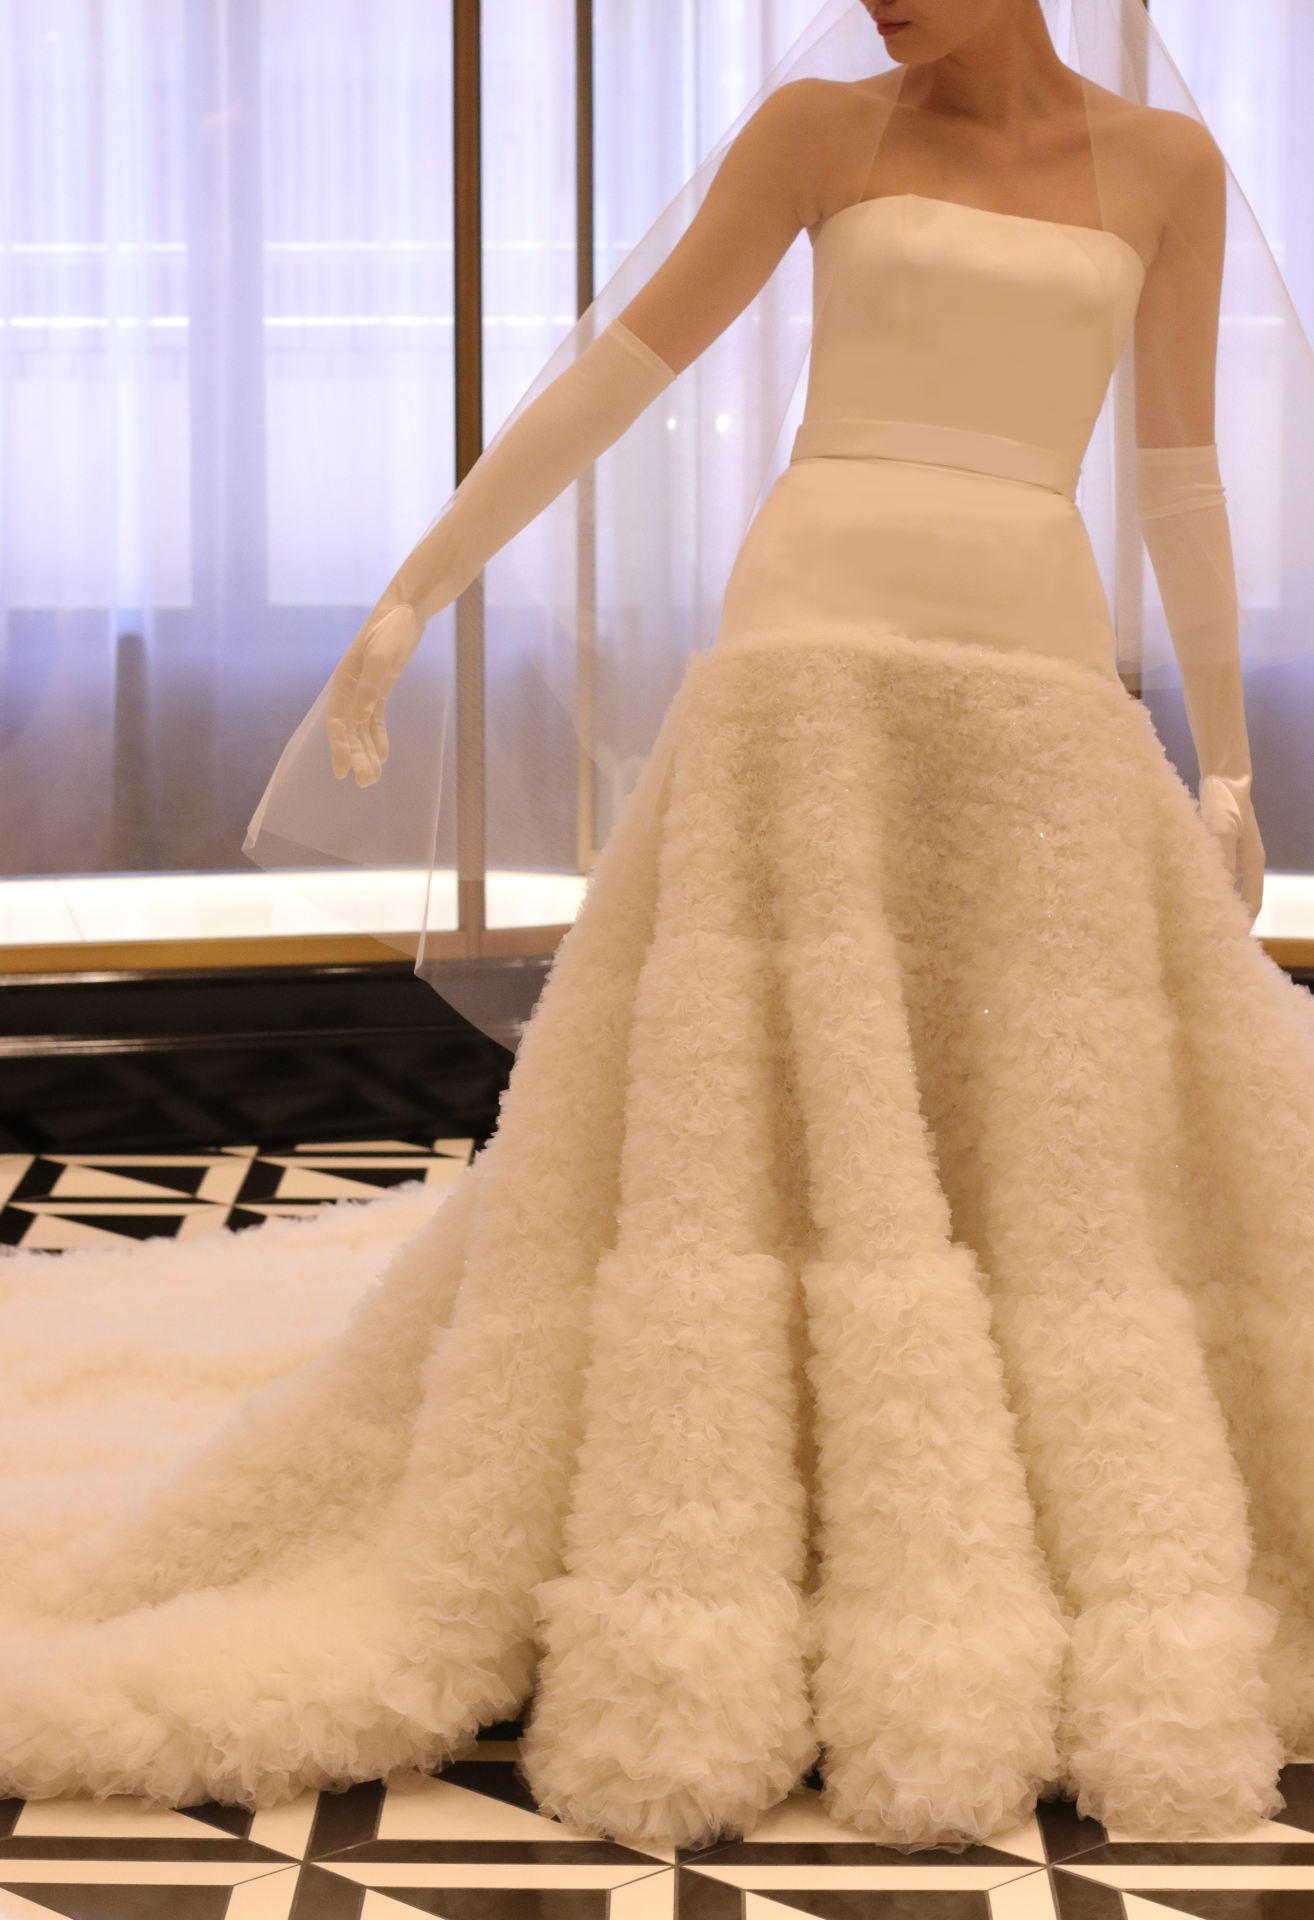 東京・表参道にあるTHETREATDRESSING ADDITION店は、ヴィクター&ロルフマリアージュをはじめとする最旬のインポートブランドを多数お取り扱いする唯一無二のセレクトショップとなっており、お洒落な花嫁様に人気のパレスホテル東京の提携ドレスショップです